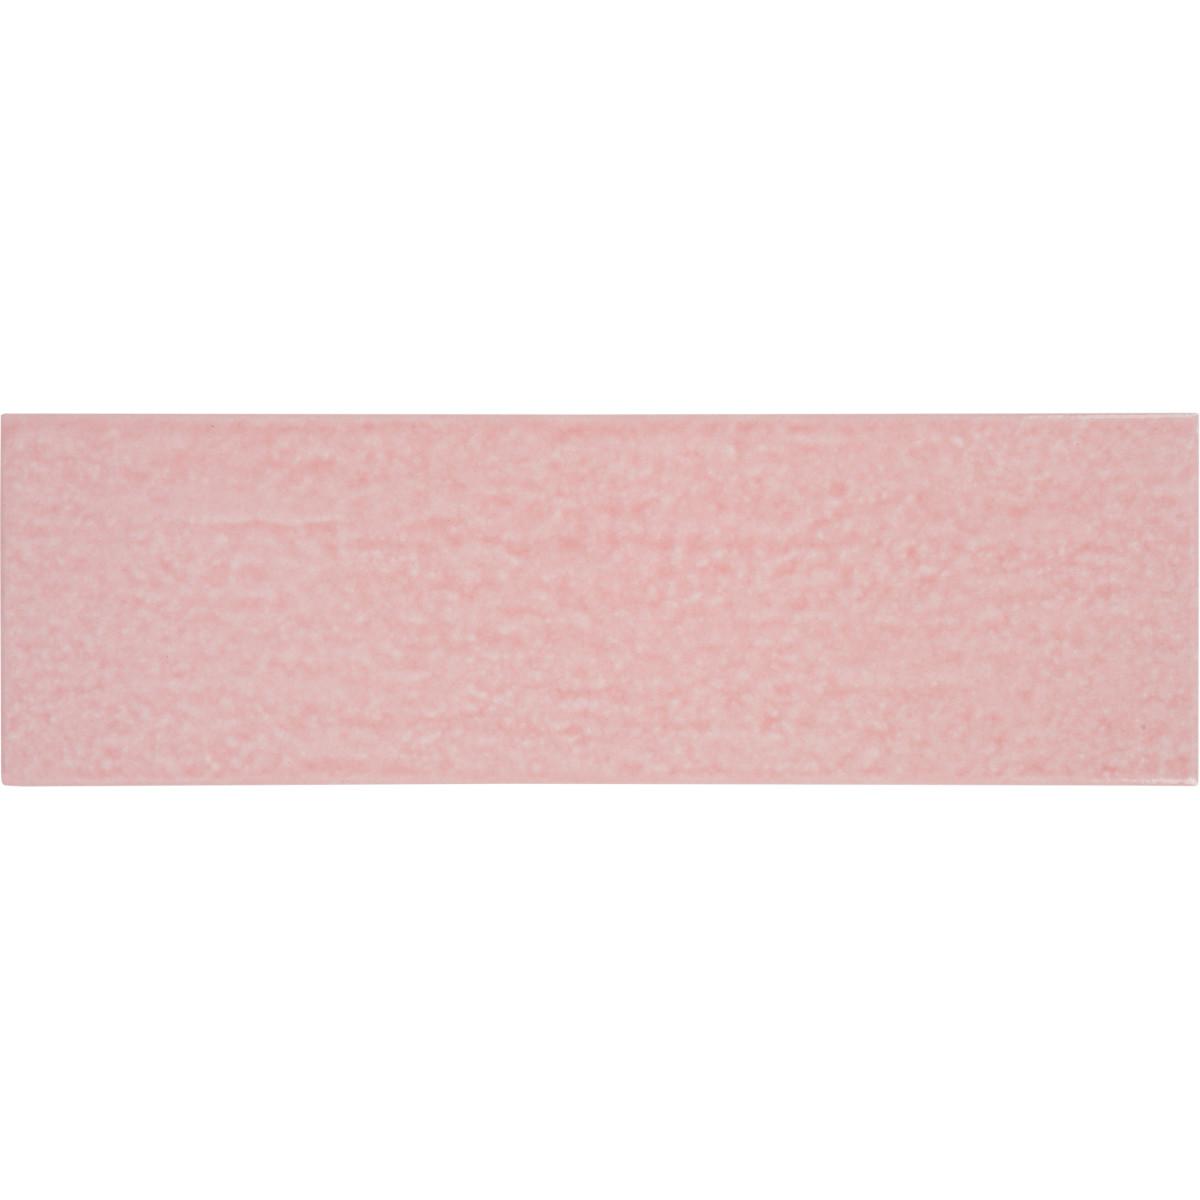 Керамогранит Teo 25x7.5 см 0.79 м2 цвет розовый глянцевый